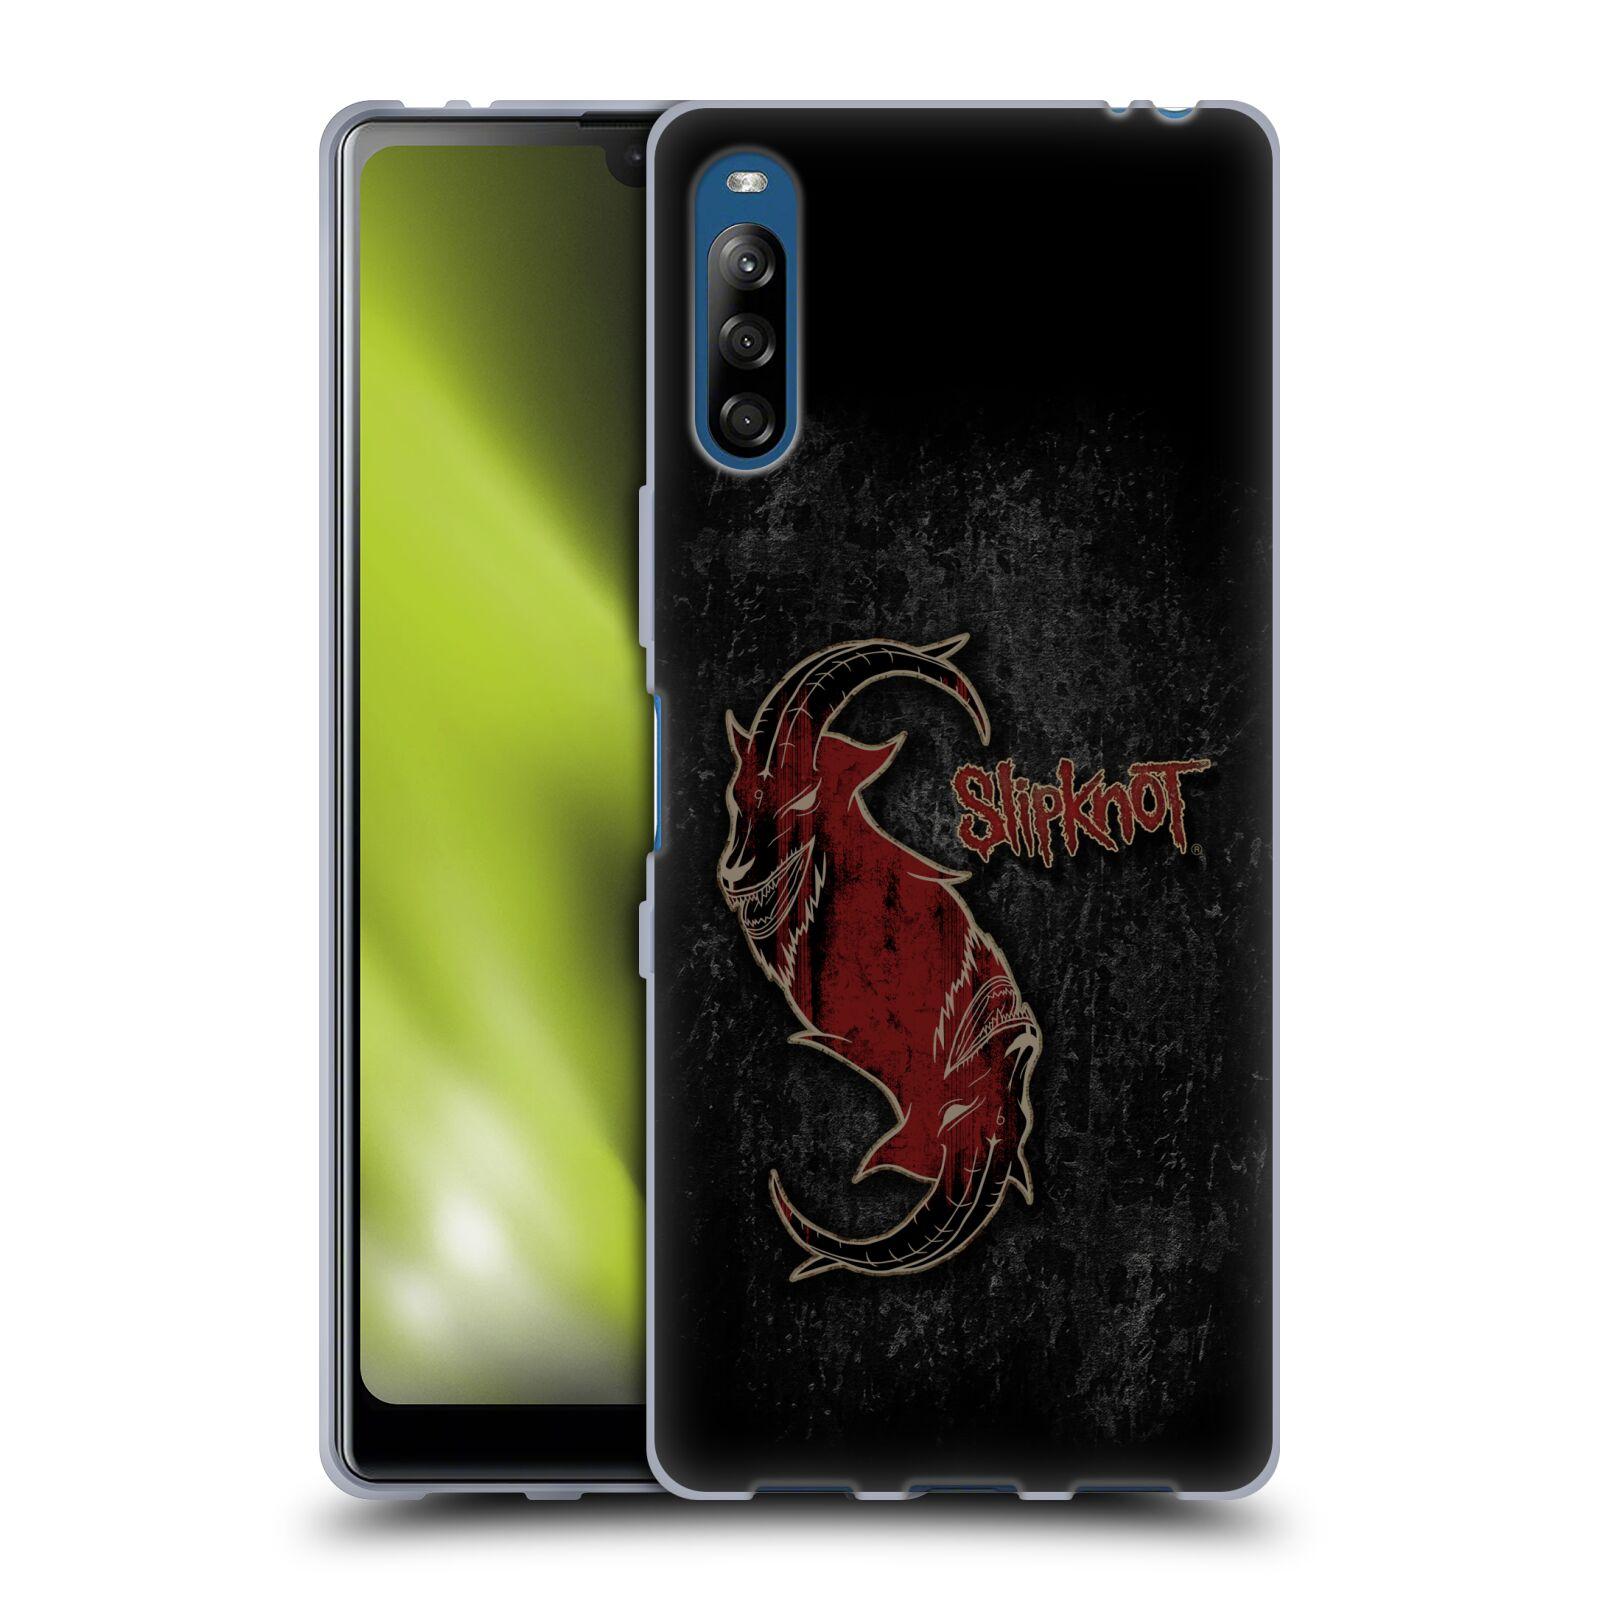 Silikonové pouzdro na mobil Sony Xperia L4 - Head Case - Slipknot - Rudý kozel